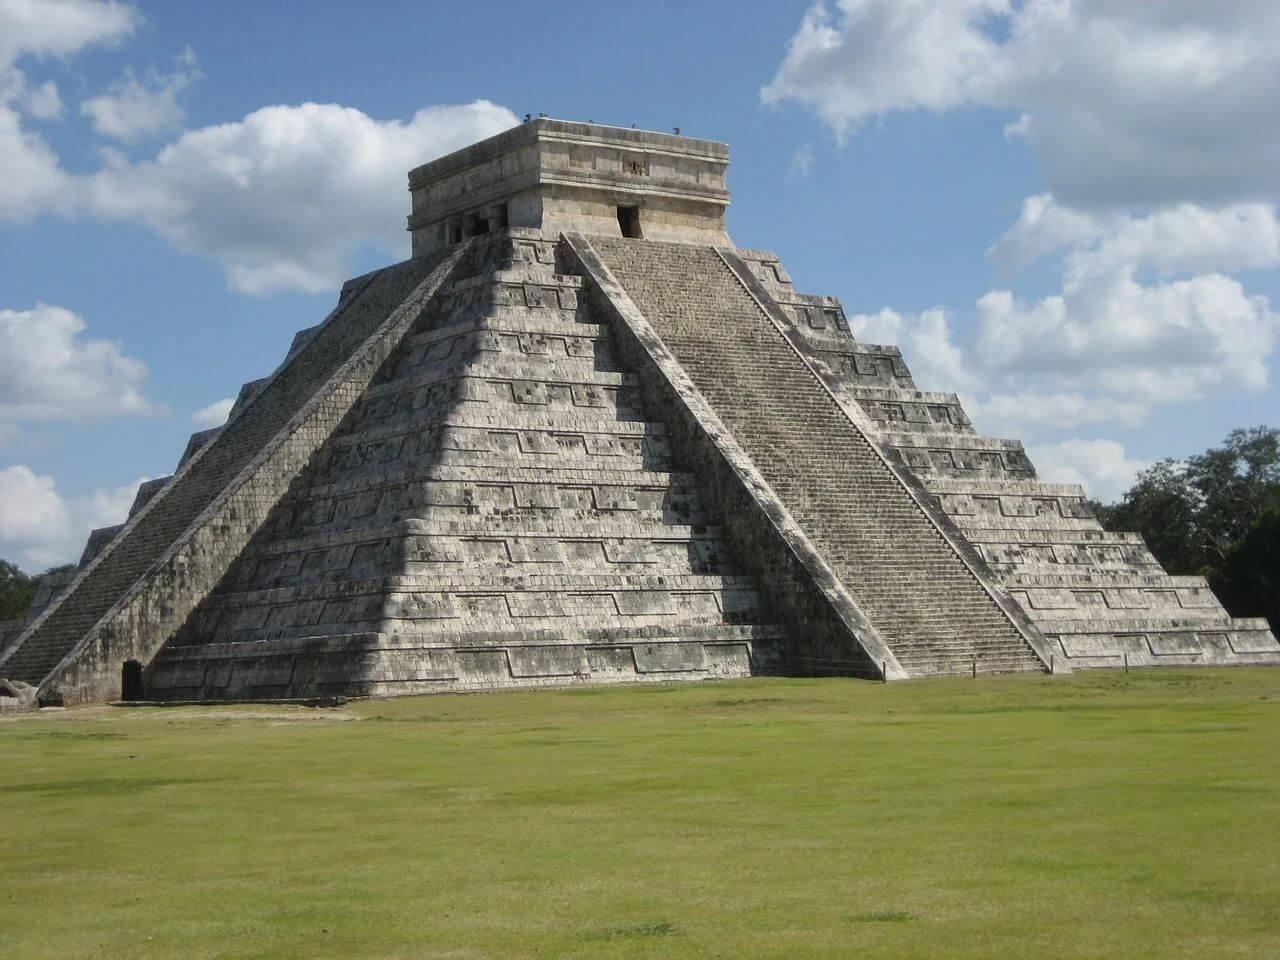 Пирамида Эль-Кастильо (Кукулькан)